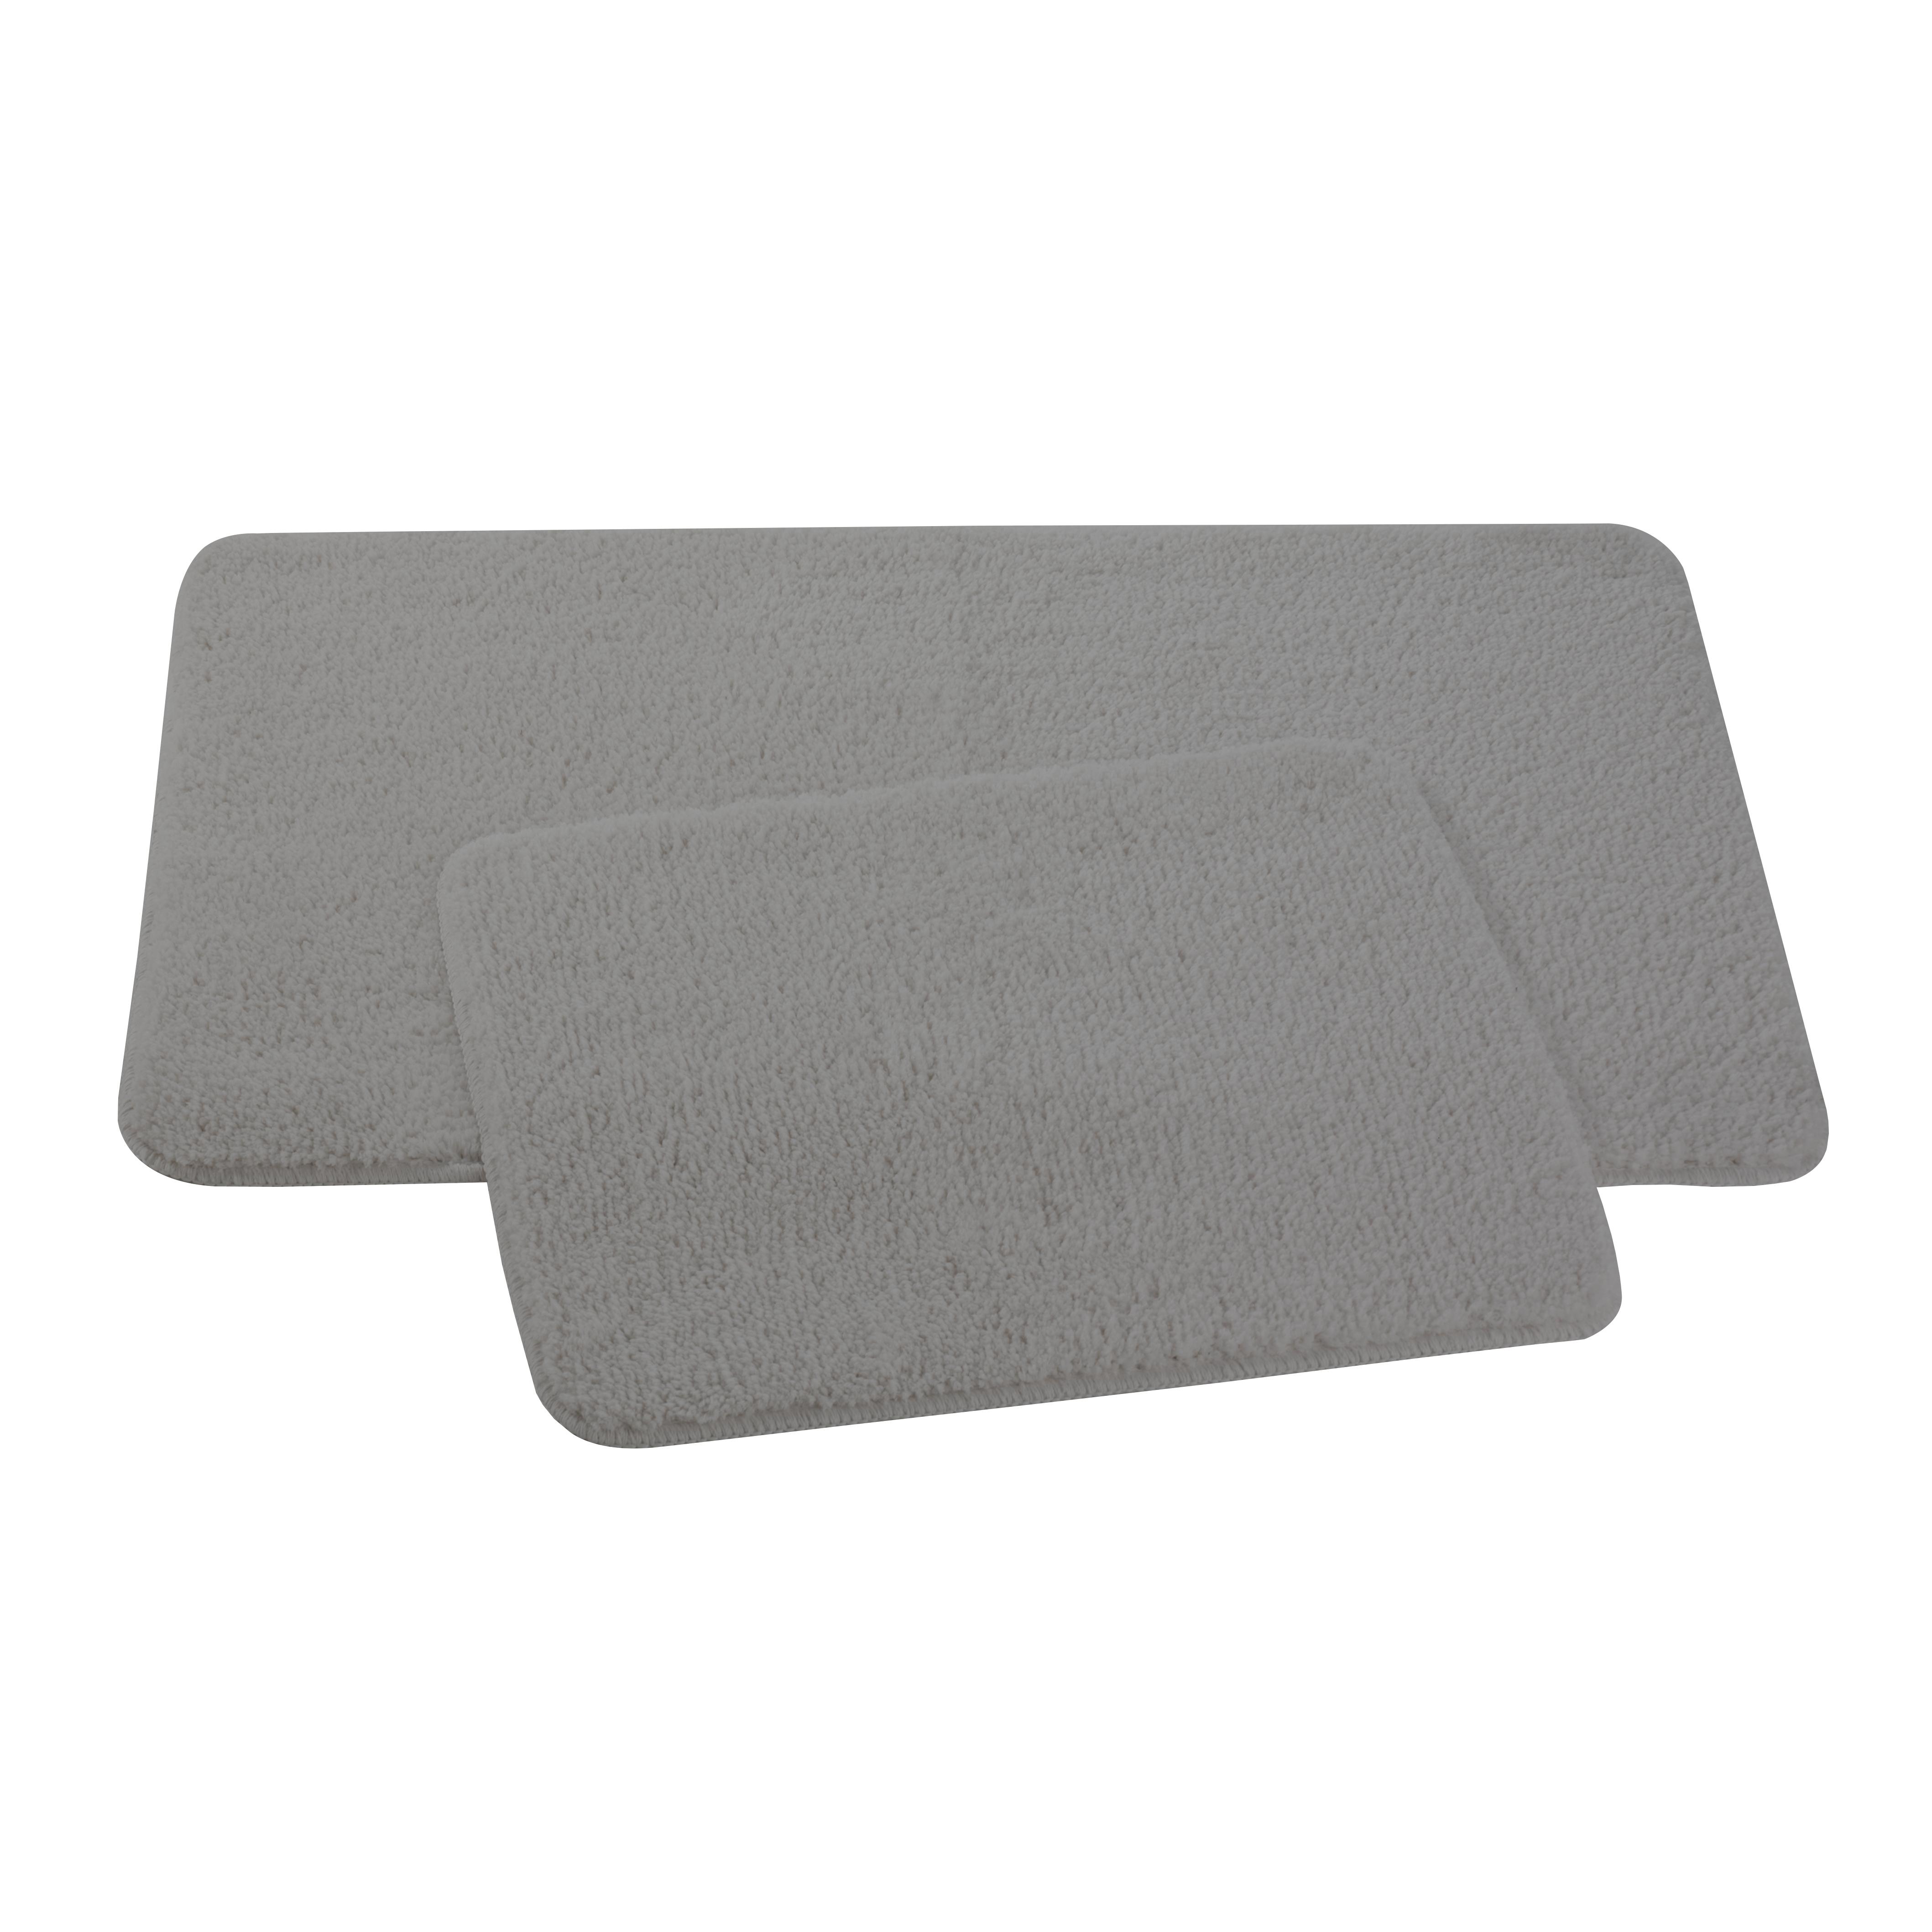 Набор ковриков для ванной и туалета Axentia, цвет: серый, 2 шт116132Набор Axentia, выполненный из микрофибры (100% полиэстер), состоит из двух стеганых ковриков для ванной комнаты и туалета. Противоскользящее основание изготовлено из термопластичной резины и подходит для полов с подогревом. Коврики мягкие и приятные на ощупь, отлично впитывают влагу и быстро сохнут. Высокая износостойкость ковриков и стойкость цвета позволит вам наслаждаться покупкой долгие годы. Можно стирать в стиральной машине. Размер ковриков: 50 х 80 см; 50 х 40 см.Высота ворса 1,5 см.